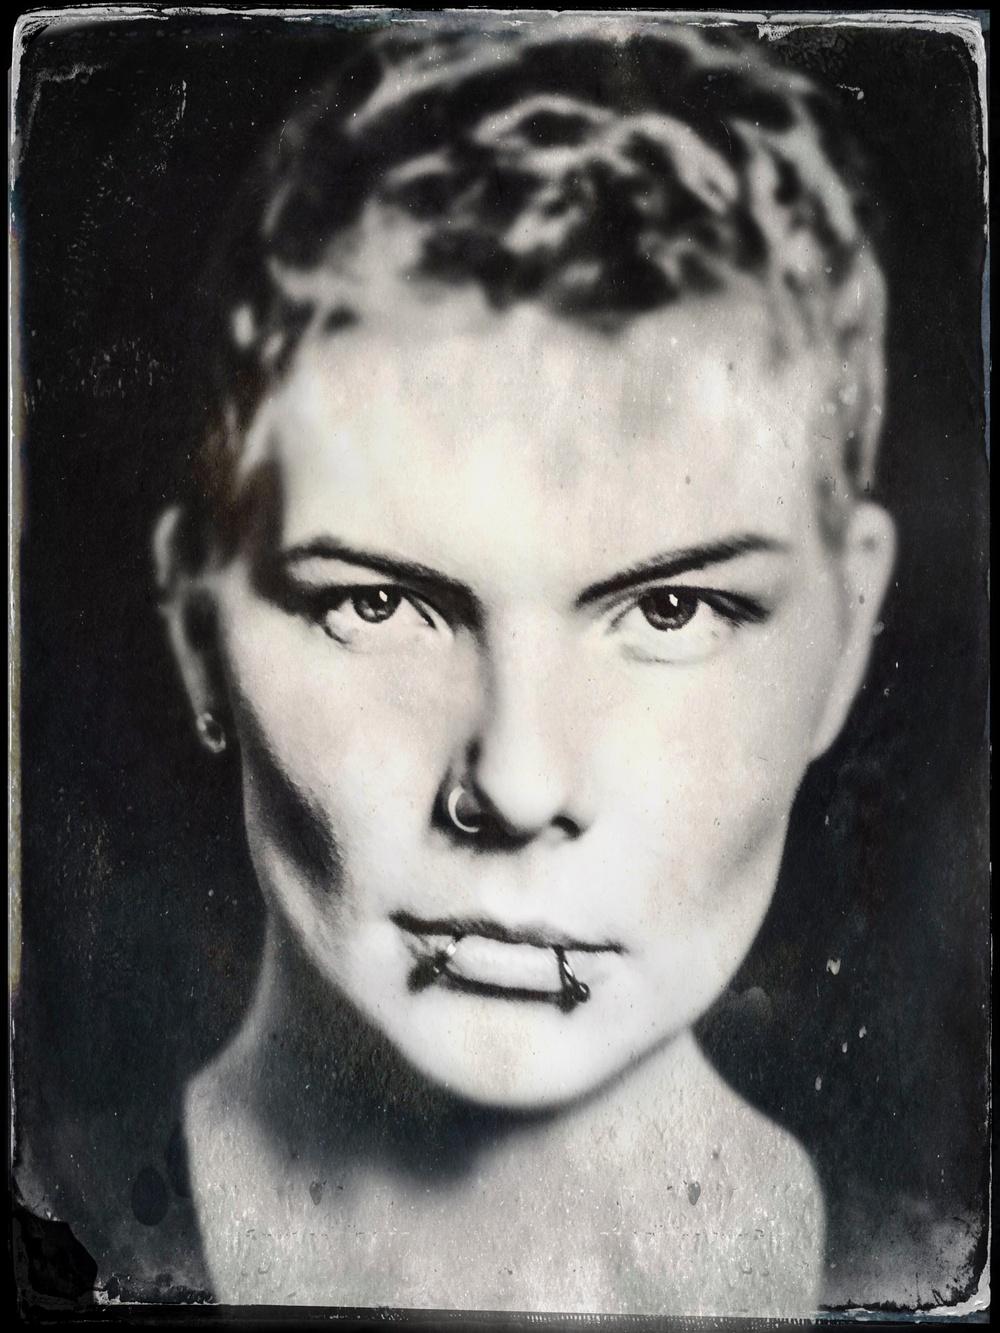 Fotot är skapat med ålderdomlig daguerreotypi-teknik, en fototeknik som användes på 1800-talet. Foto: Elisabeth Ohlson Wallin.